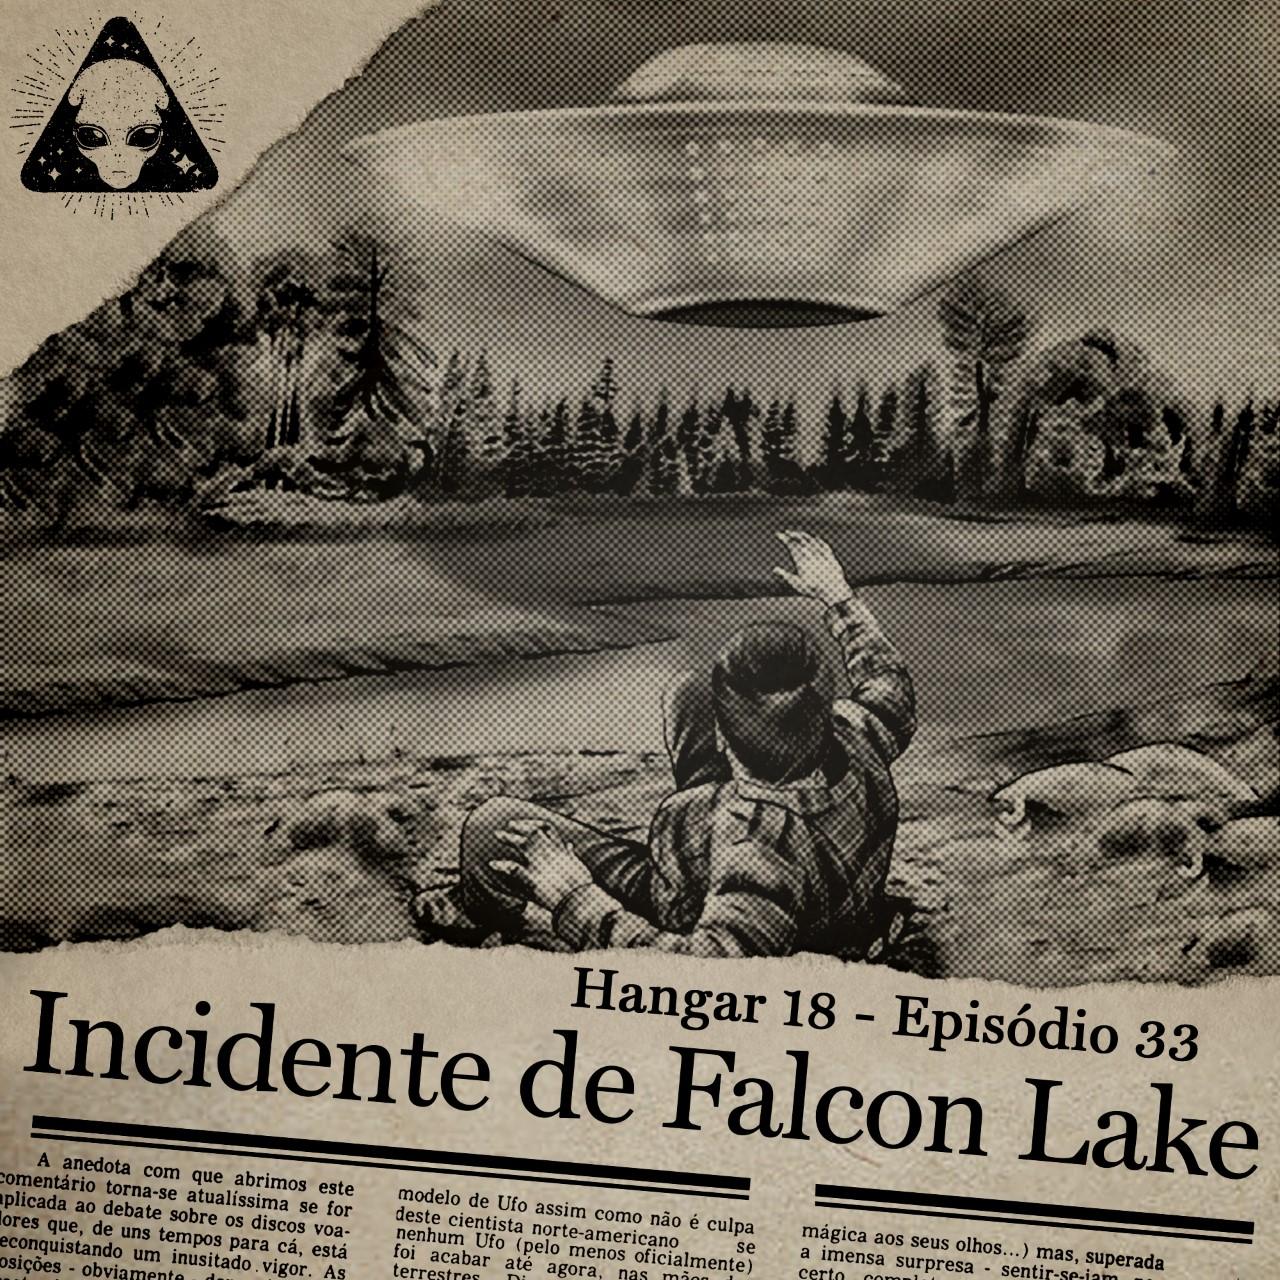 E33 Hangar 18 - Ep 033 - Incidente de Falcon Lake